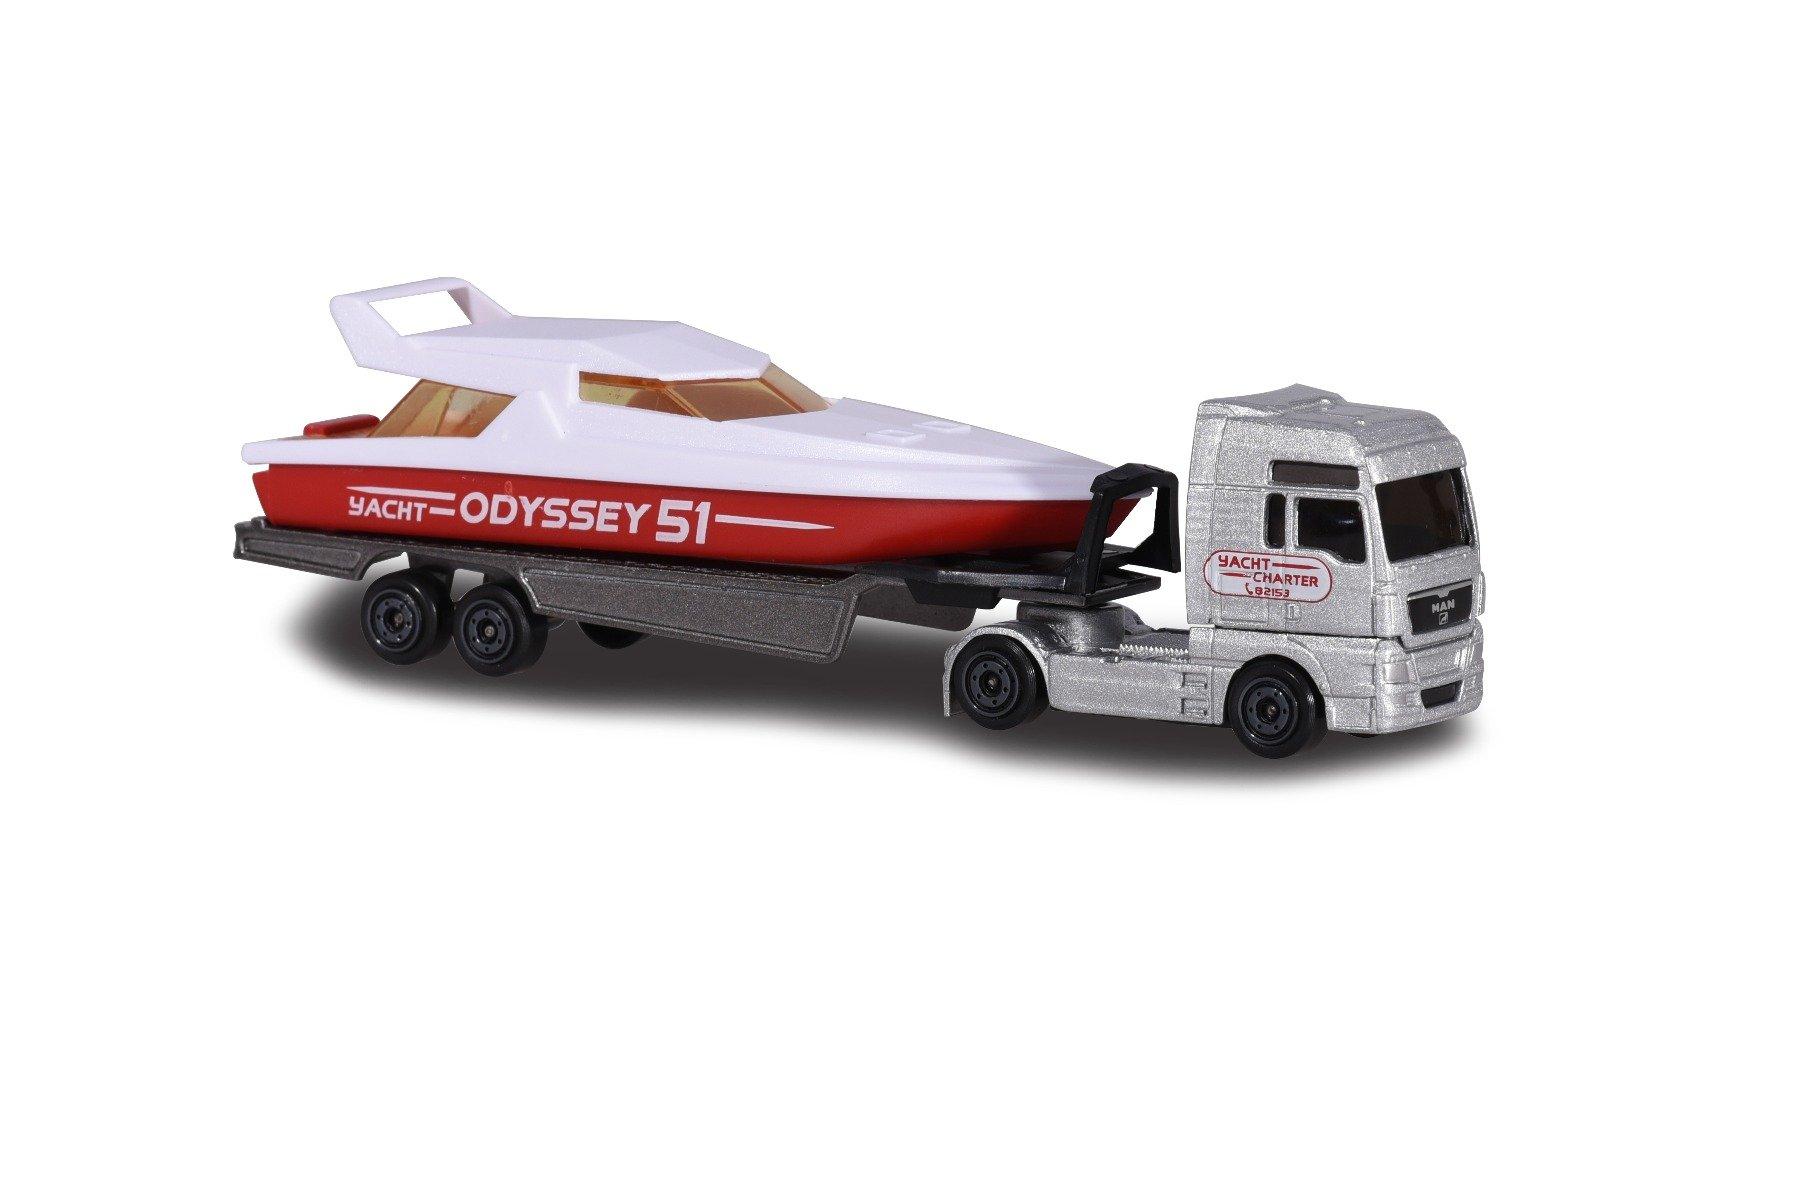 Camion de jucarie Majorette, Yacht Odyssey 51